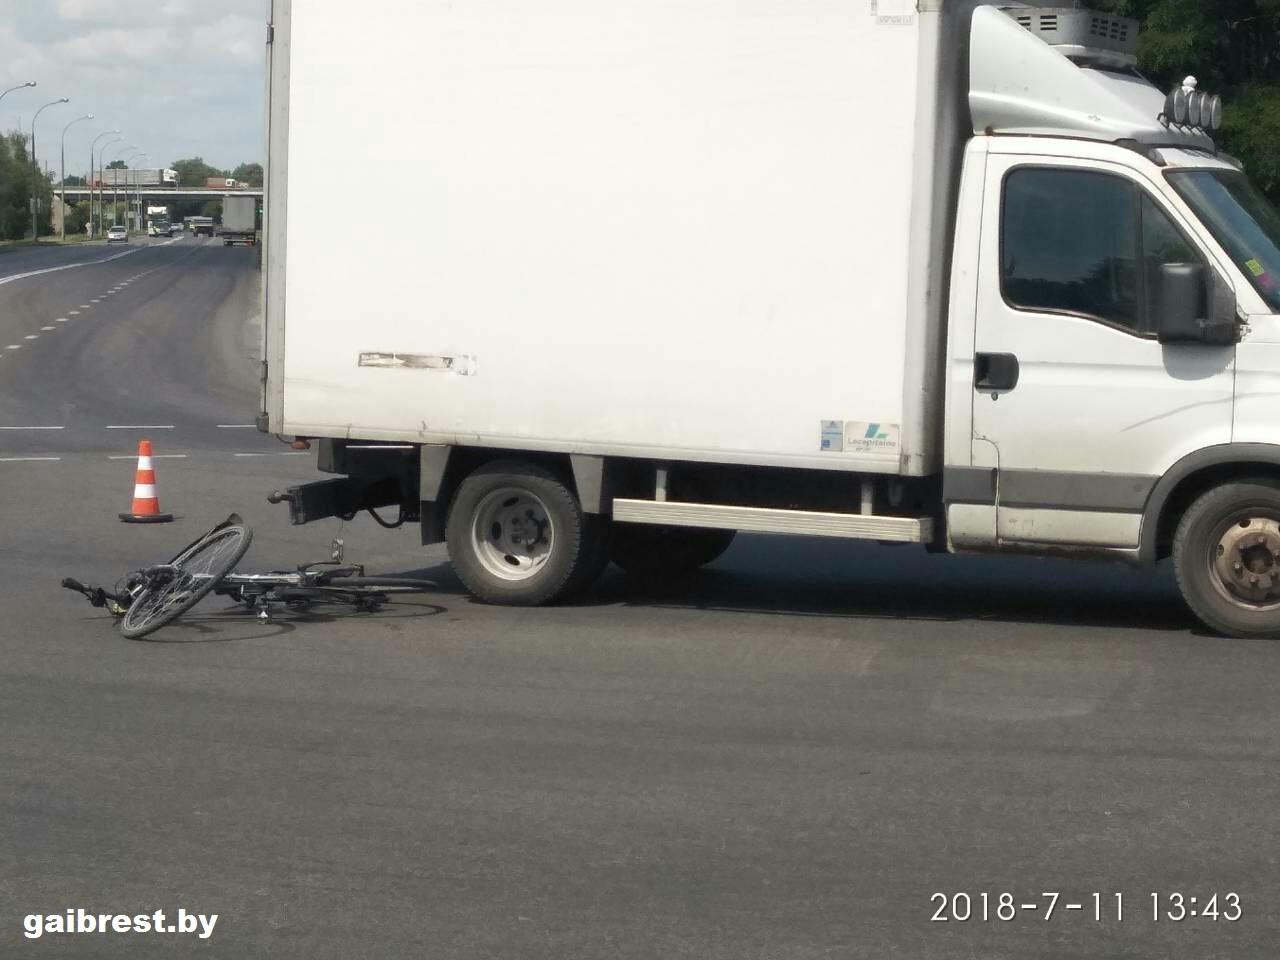 На ул. Л.Рябцева велосипедист попал под колёса грузовика